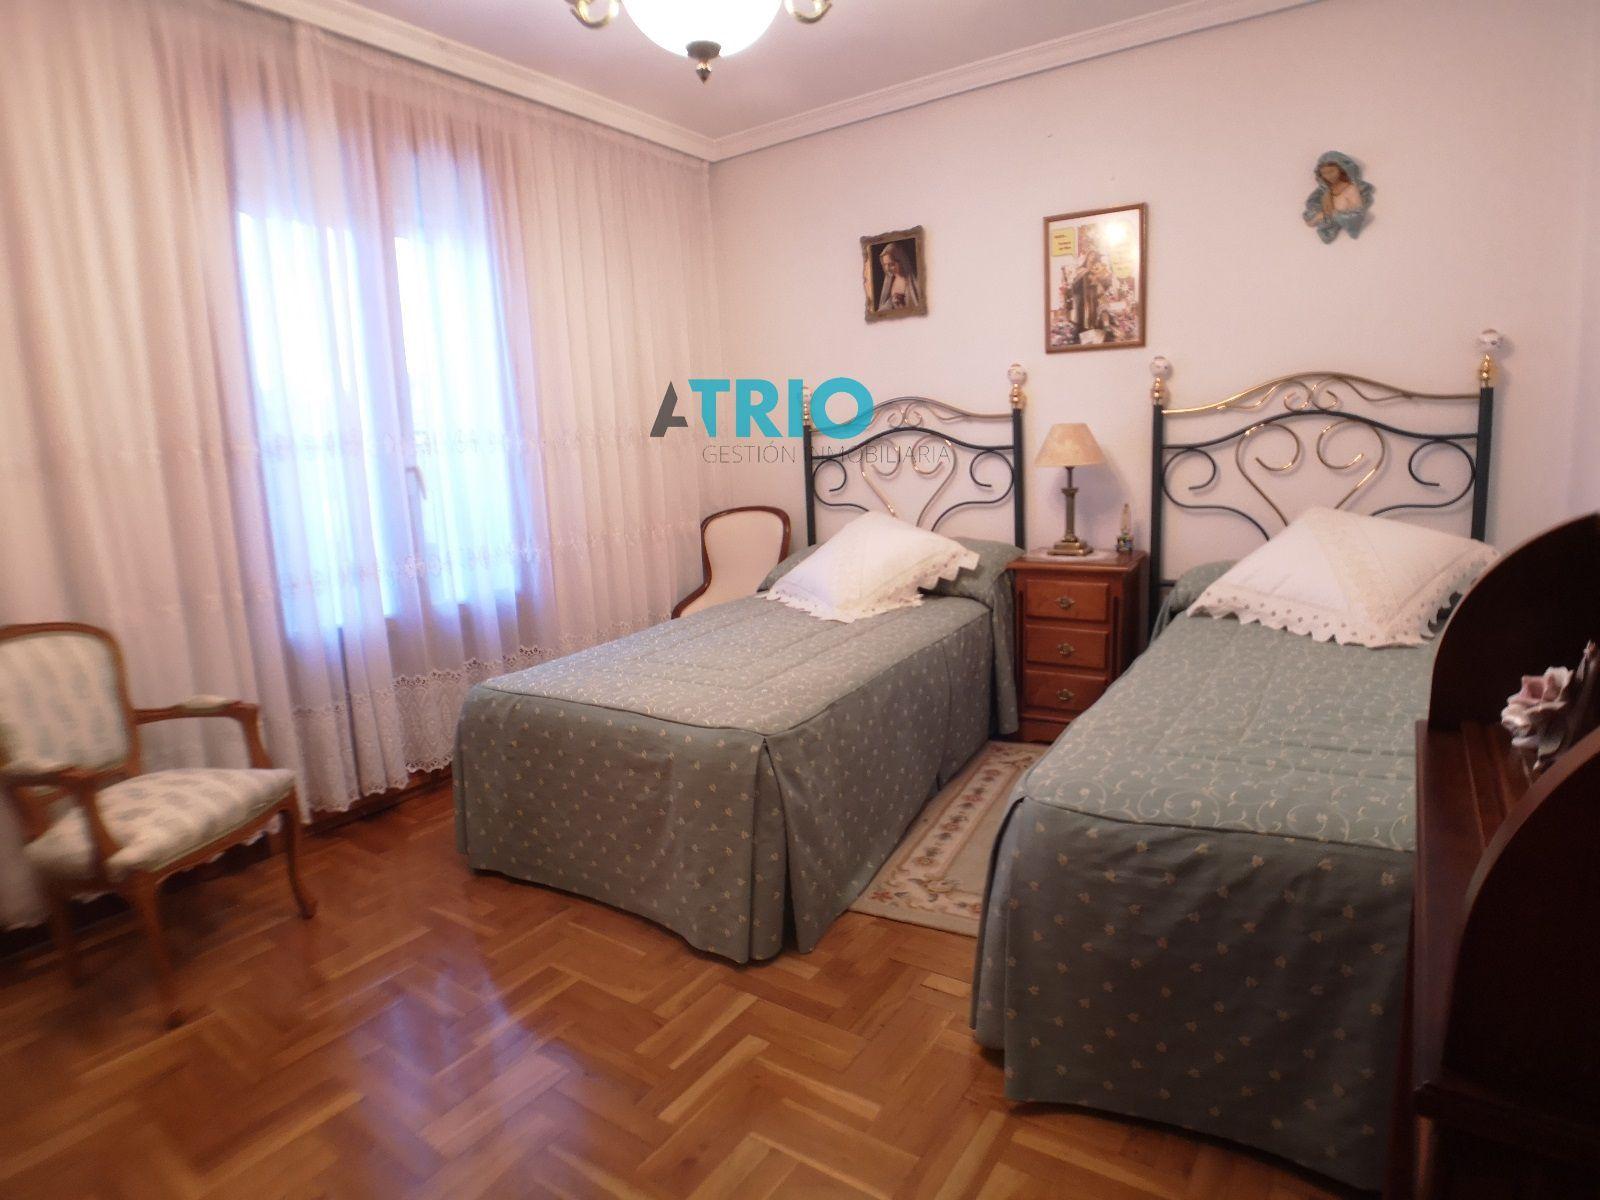 dia.mobiliagestion.es/Portals/inmoatrio/Images/7132/5597525